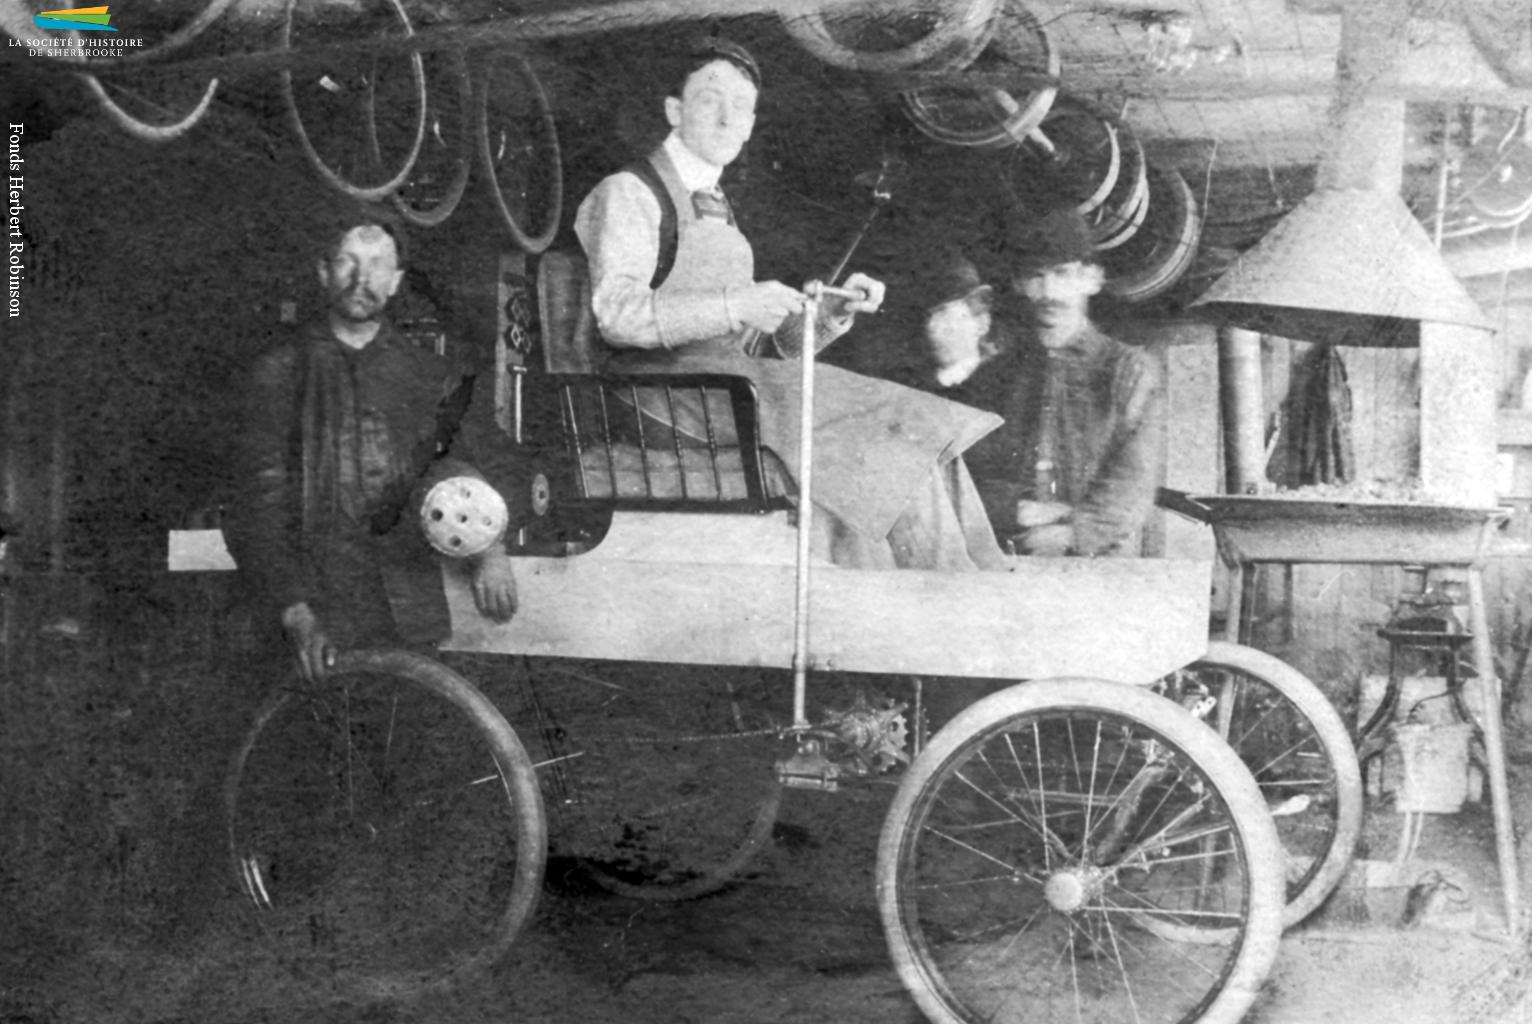 La première voiture à essence construite au Canada serait l'œuvre du Sherbrookois George Foote Foss, qui l'aurait mise au point en 1897. Sur cette photo on voit M. Foss sur sa <em>Fossmobile</em> dans son atelier. Un autre habitant de Sherbrooke, Joseph Fréchette, construit lui aussi une automobile en 1901, et une seconde en 1902.